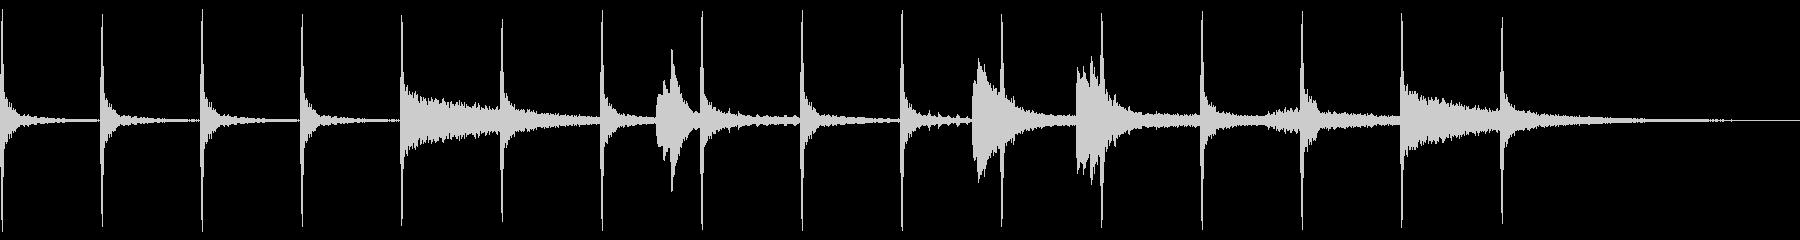 ホラーお化け墓地怖い怪談ハロウィン足音の未再生の波形